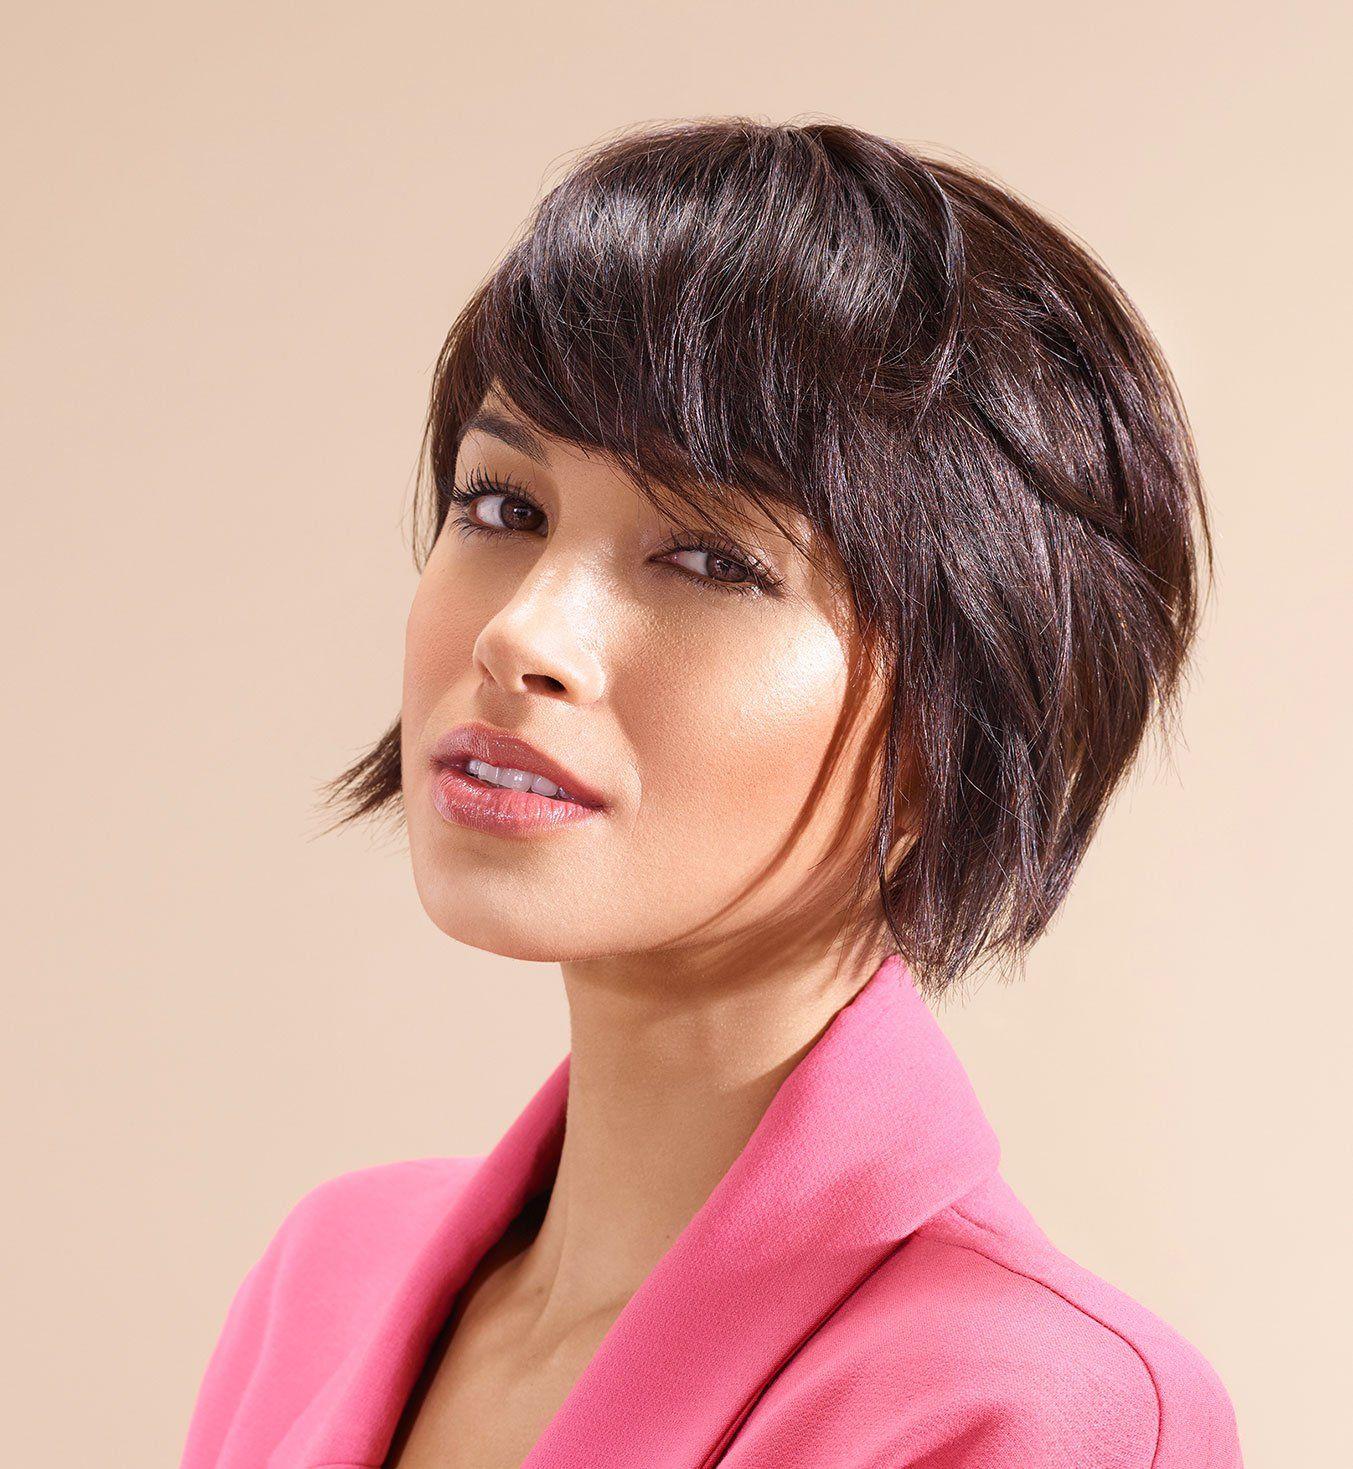 Les 30 plus belles coupes de cheveux avec frange ! (avec images) | Coupe de cheveux, Belle coupe ...